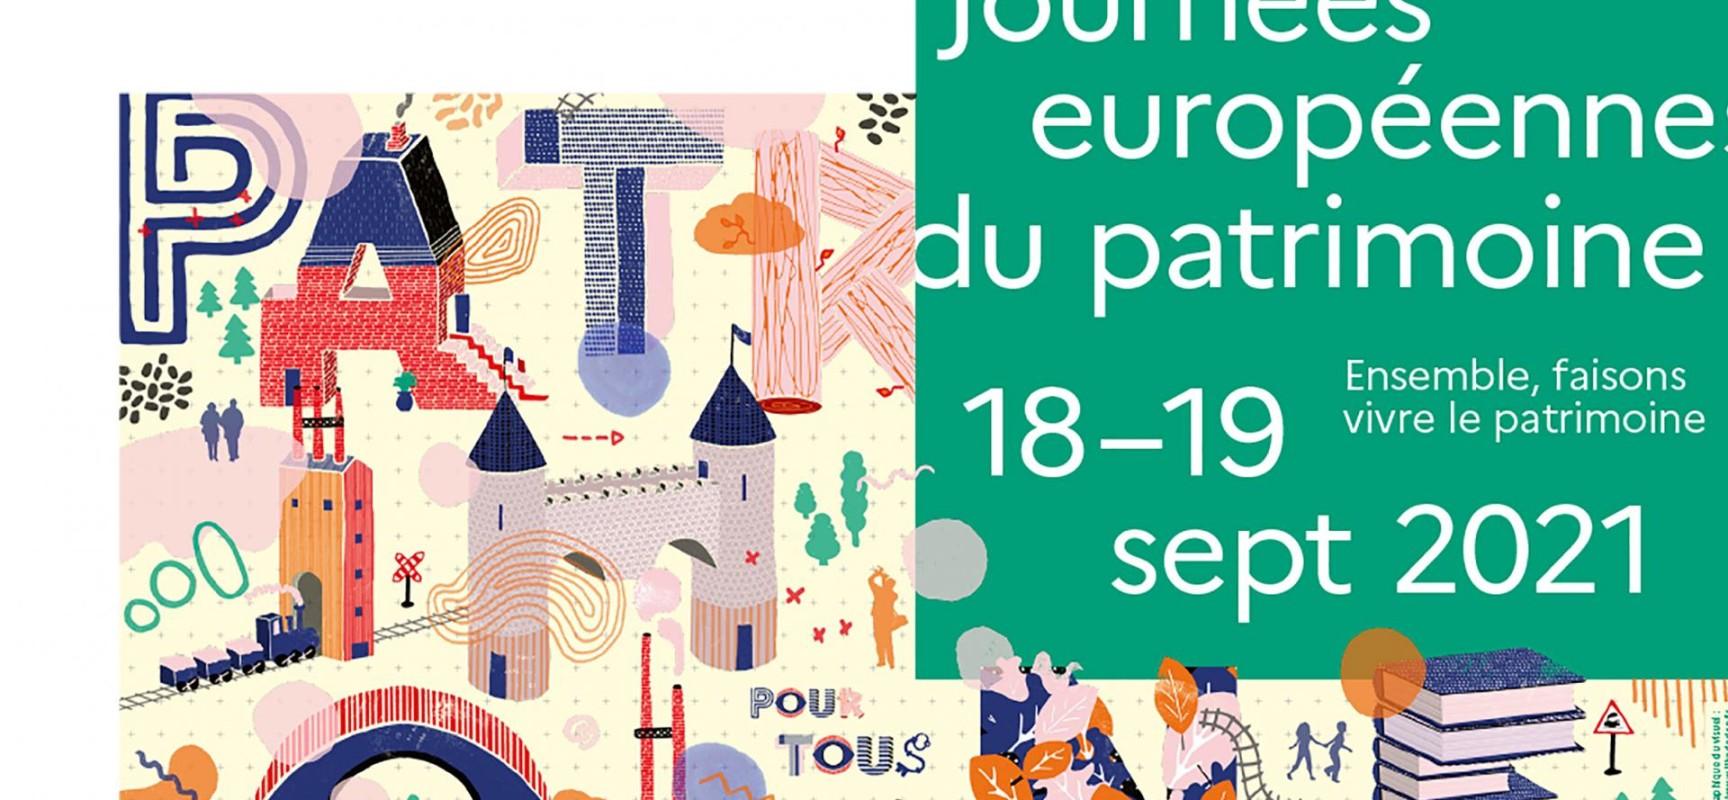 38ème édition des Journées Européennes du Patrimoine #JEP2021